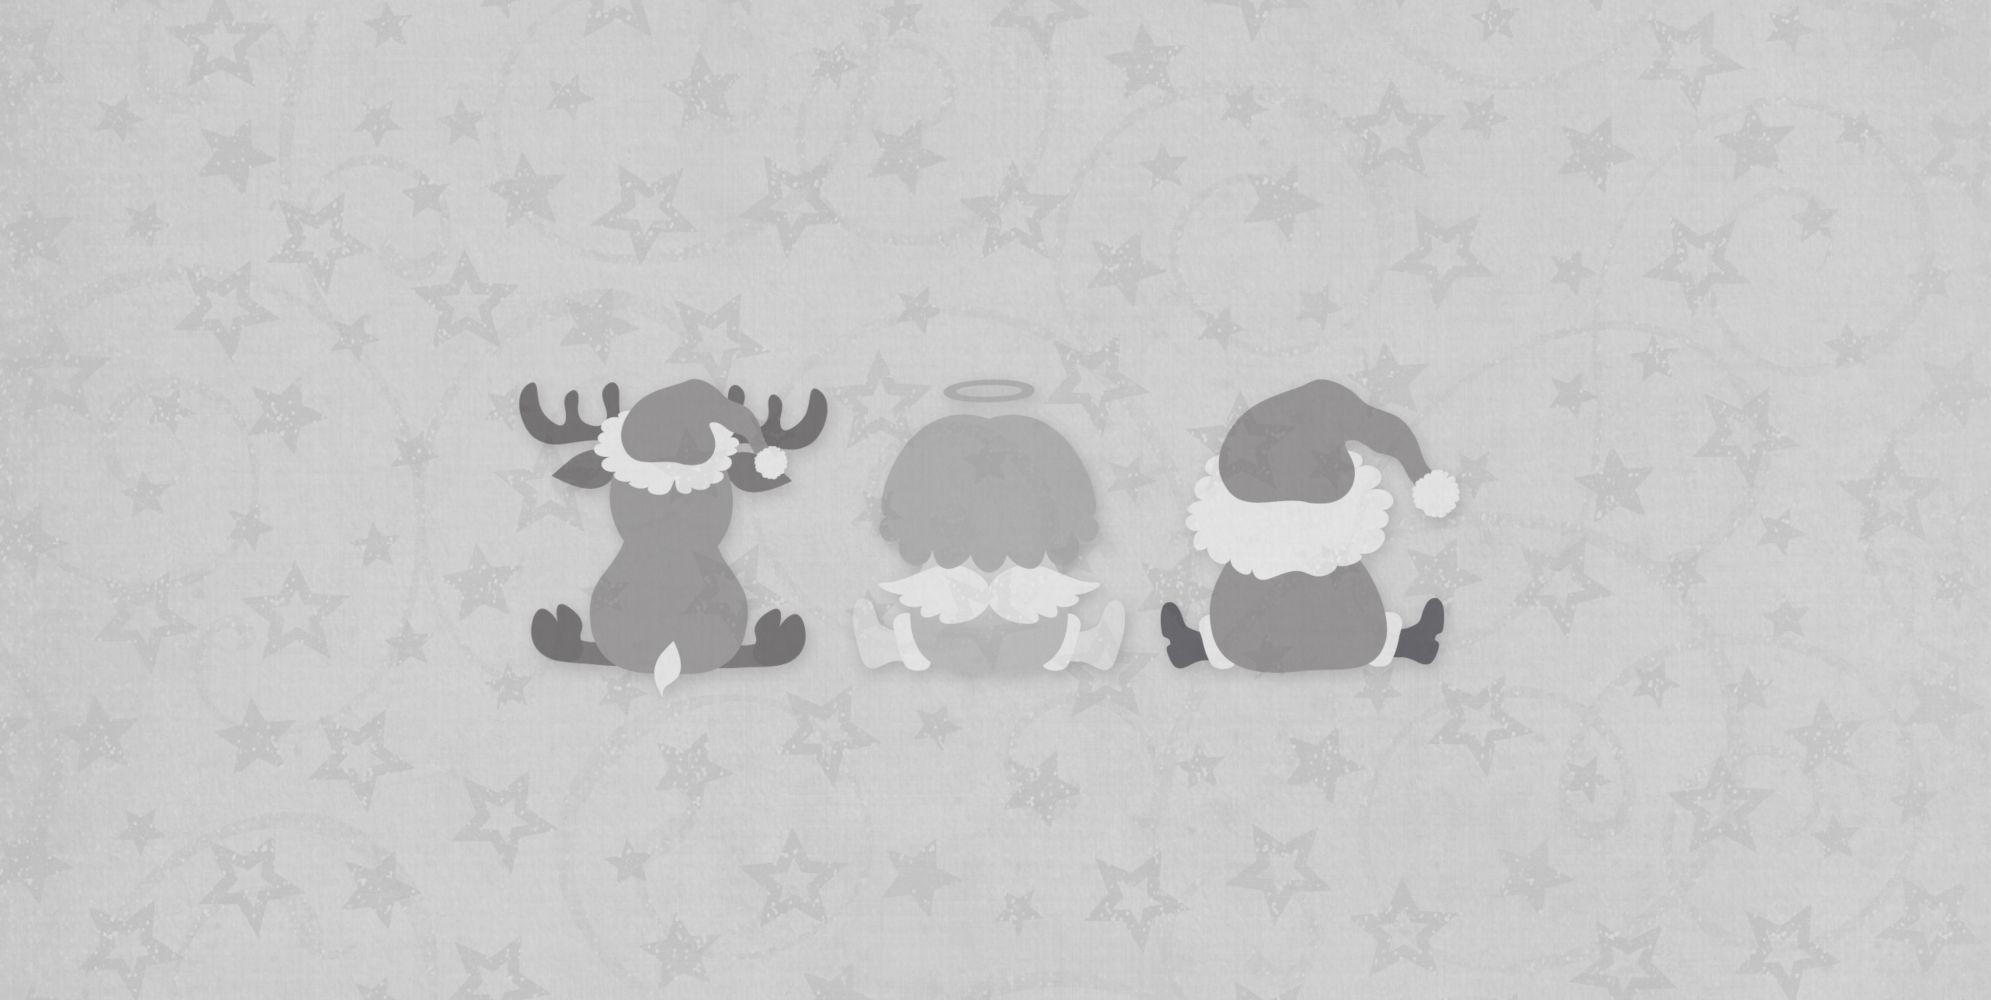 Ansicht 4 - Grußkarte Trio